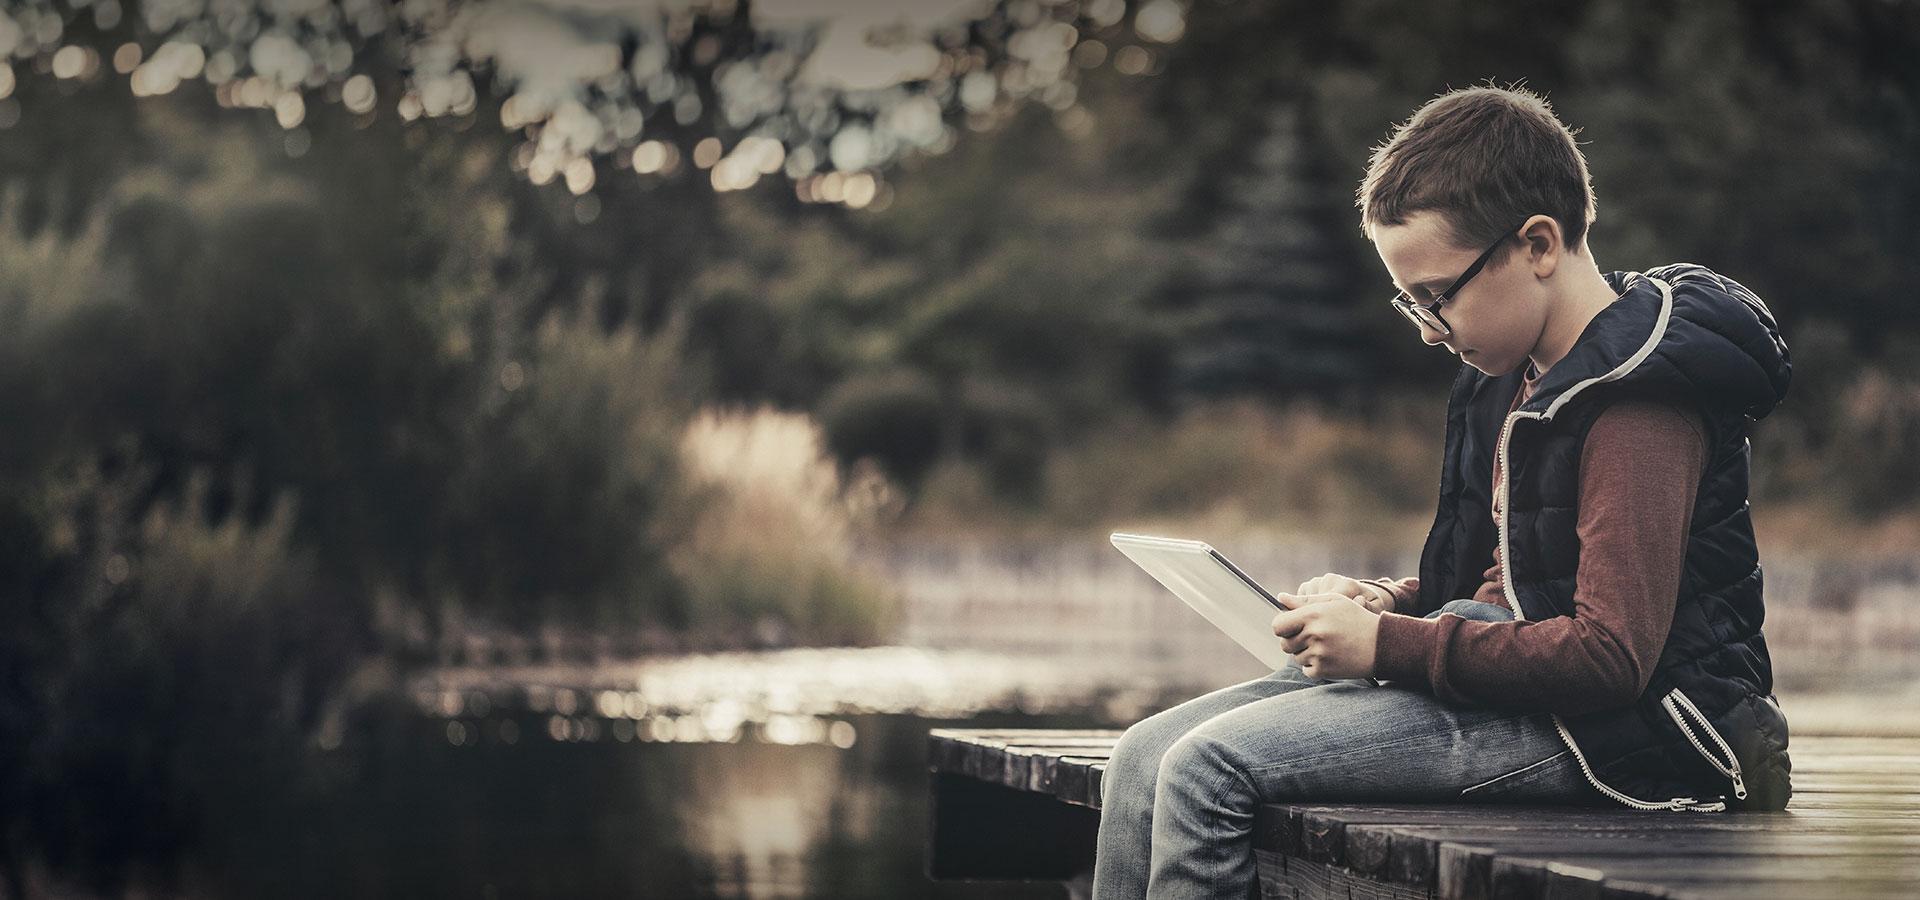 enfant assis au bord de l'eau avec une tablette numérique au bord de l'eau